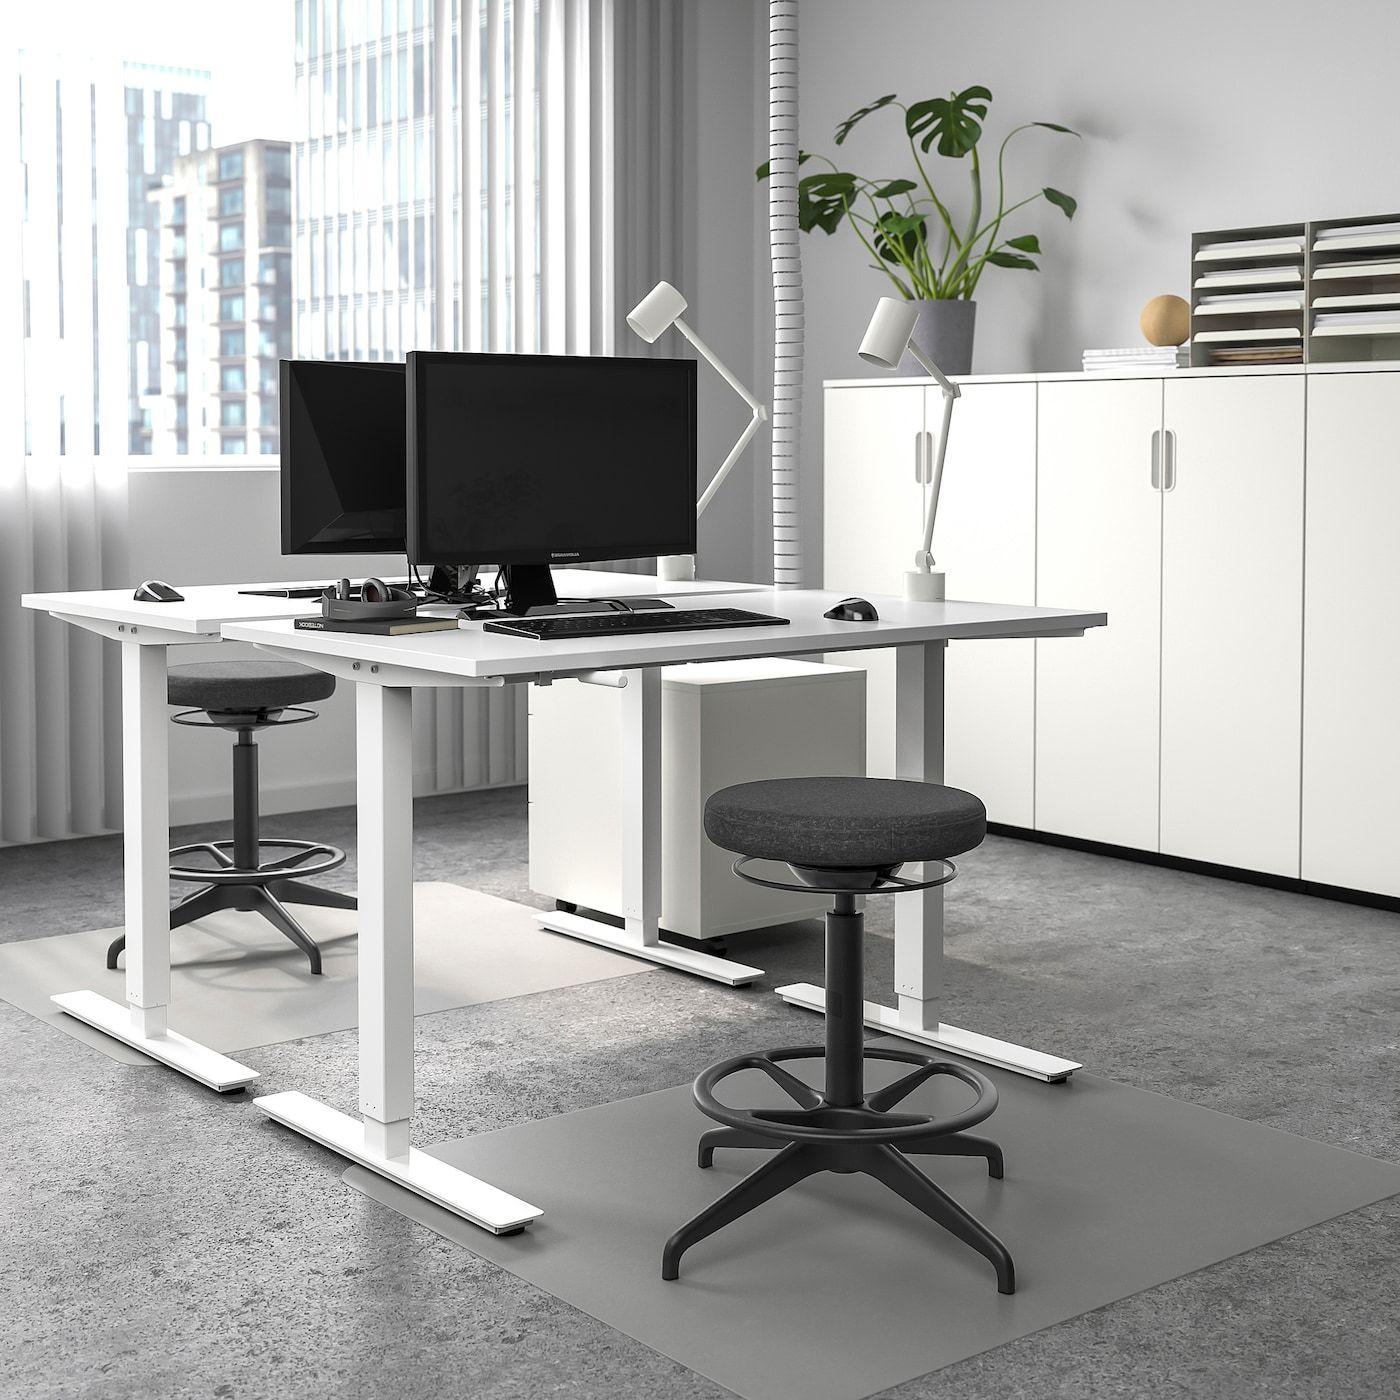 Skarsta Schreibtisch Sitz Steh Weiss In 2020 Schreibtischideen